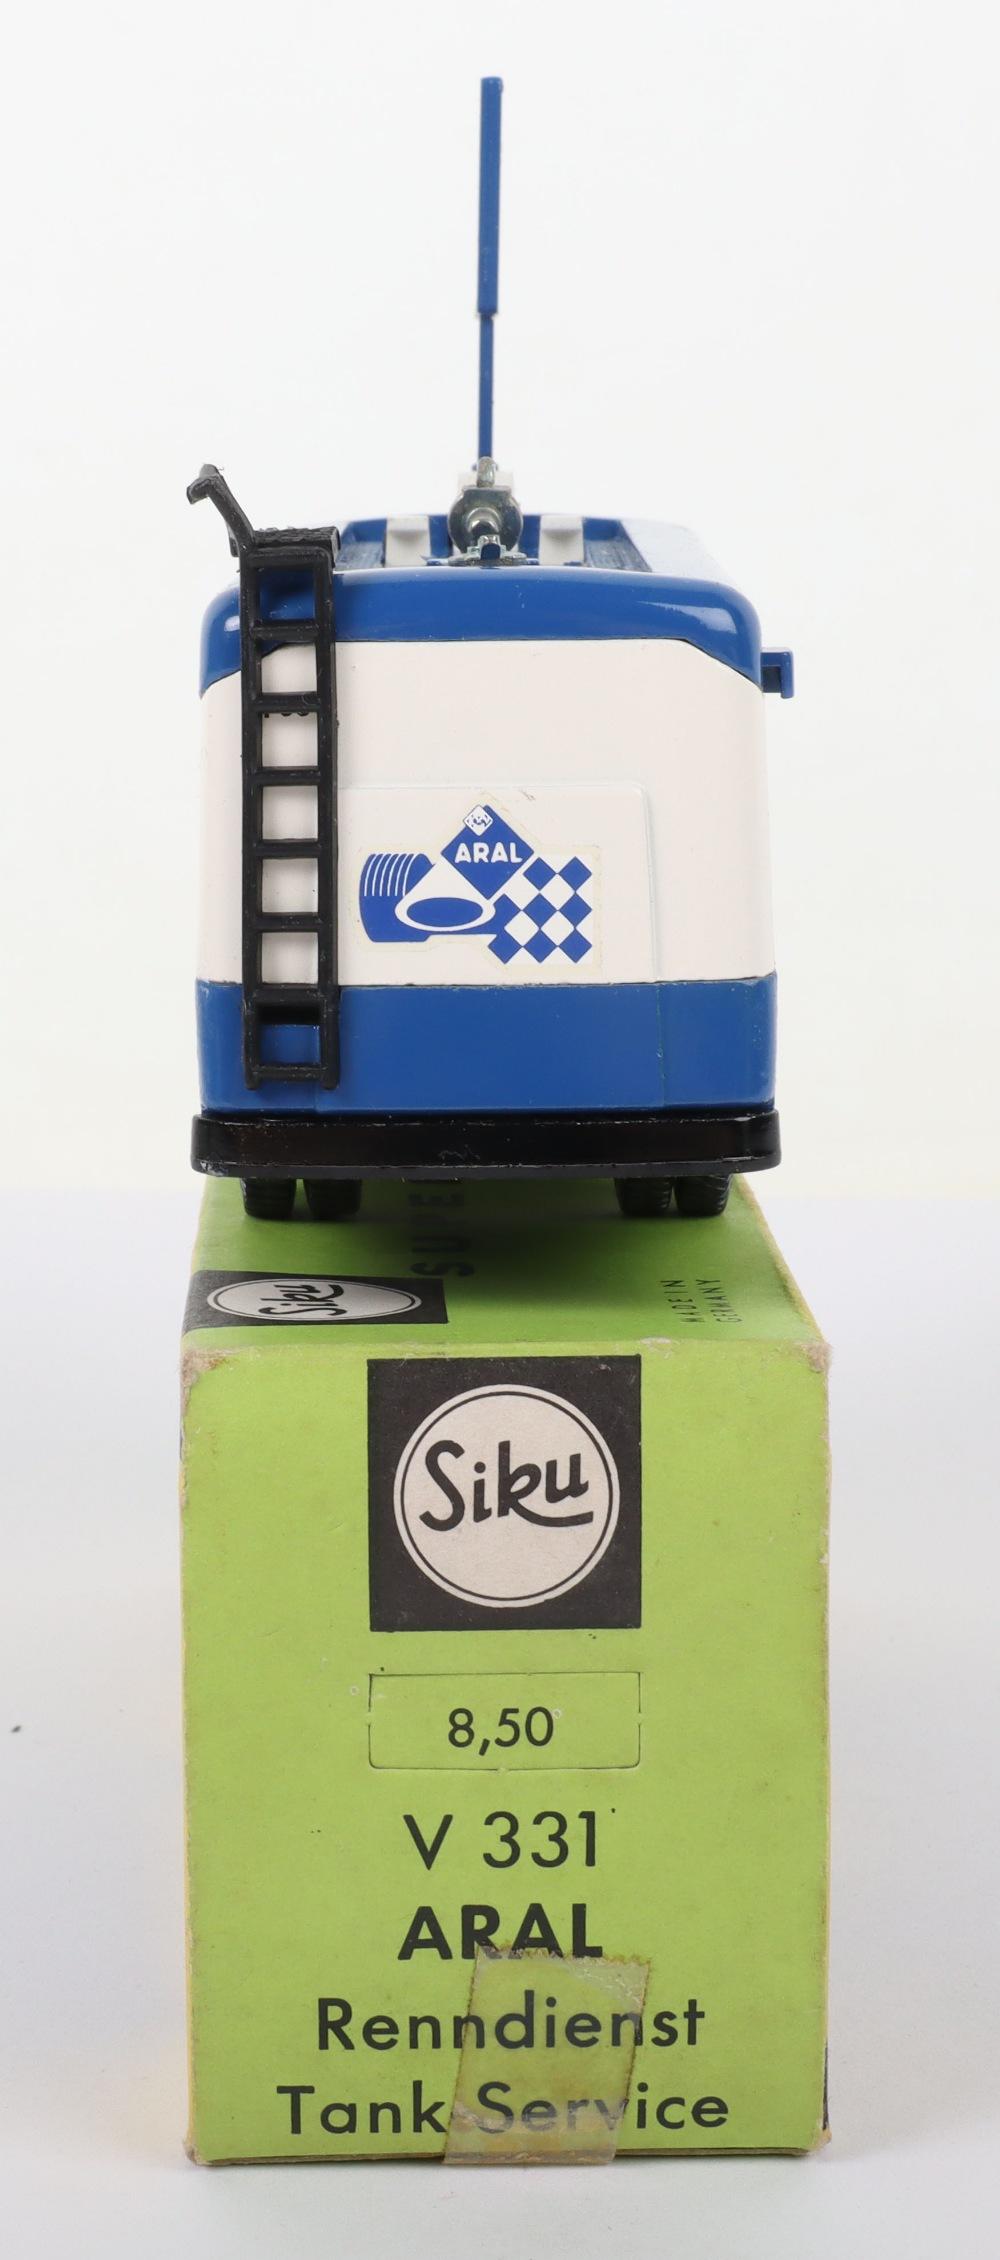 Siku (Germany) V 331 Man Petrol Motorsport Tanker Aral - Image 4 of 5